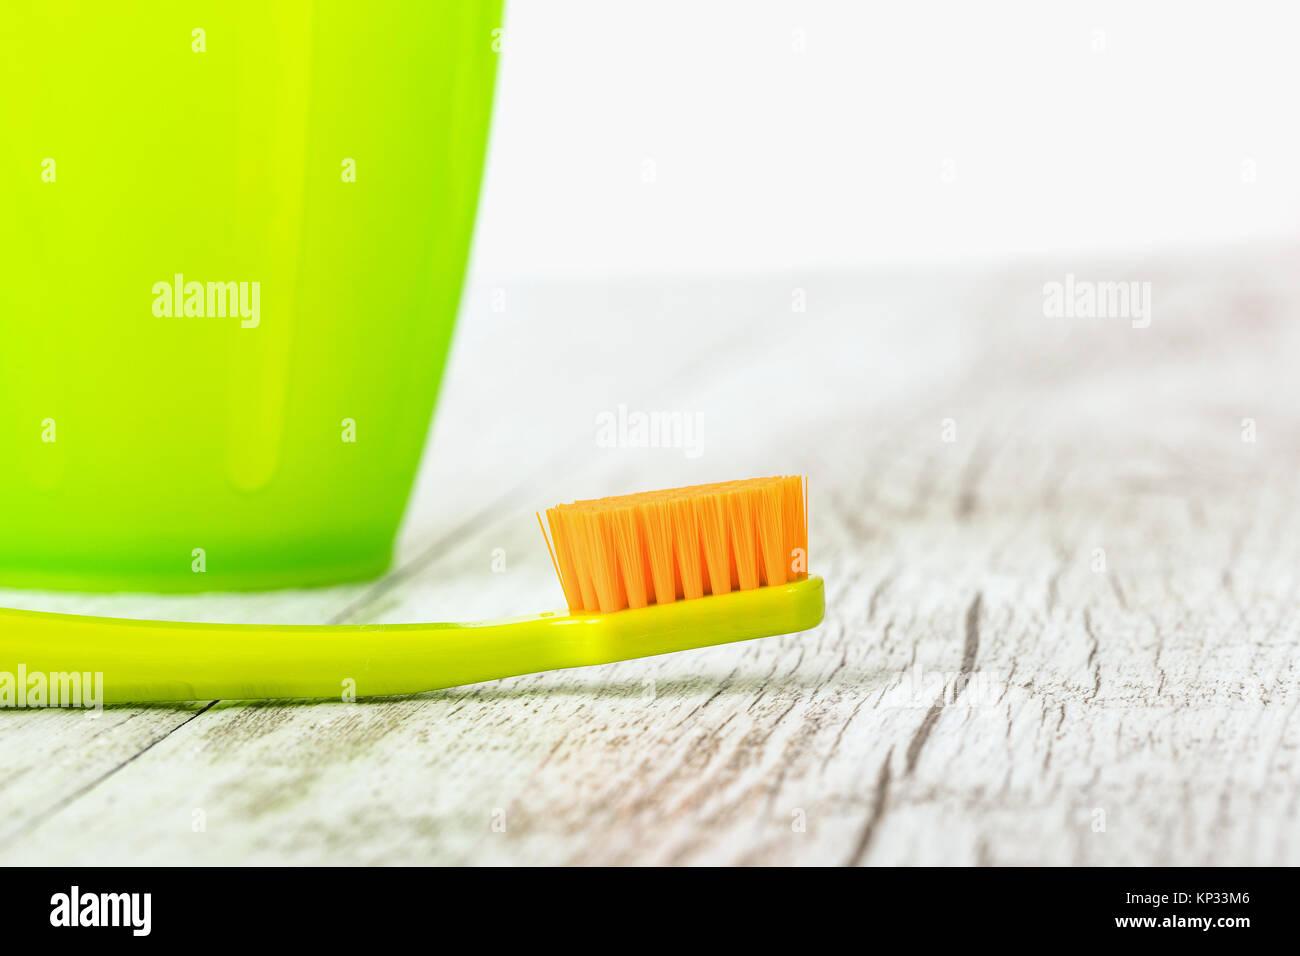 Cepillos de dientes ultra fino de color nuevo. La industria dental. Hermosa  sonrisa concepto b6e393b6d1a1